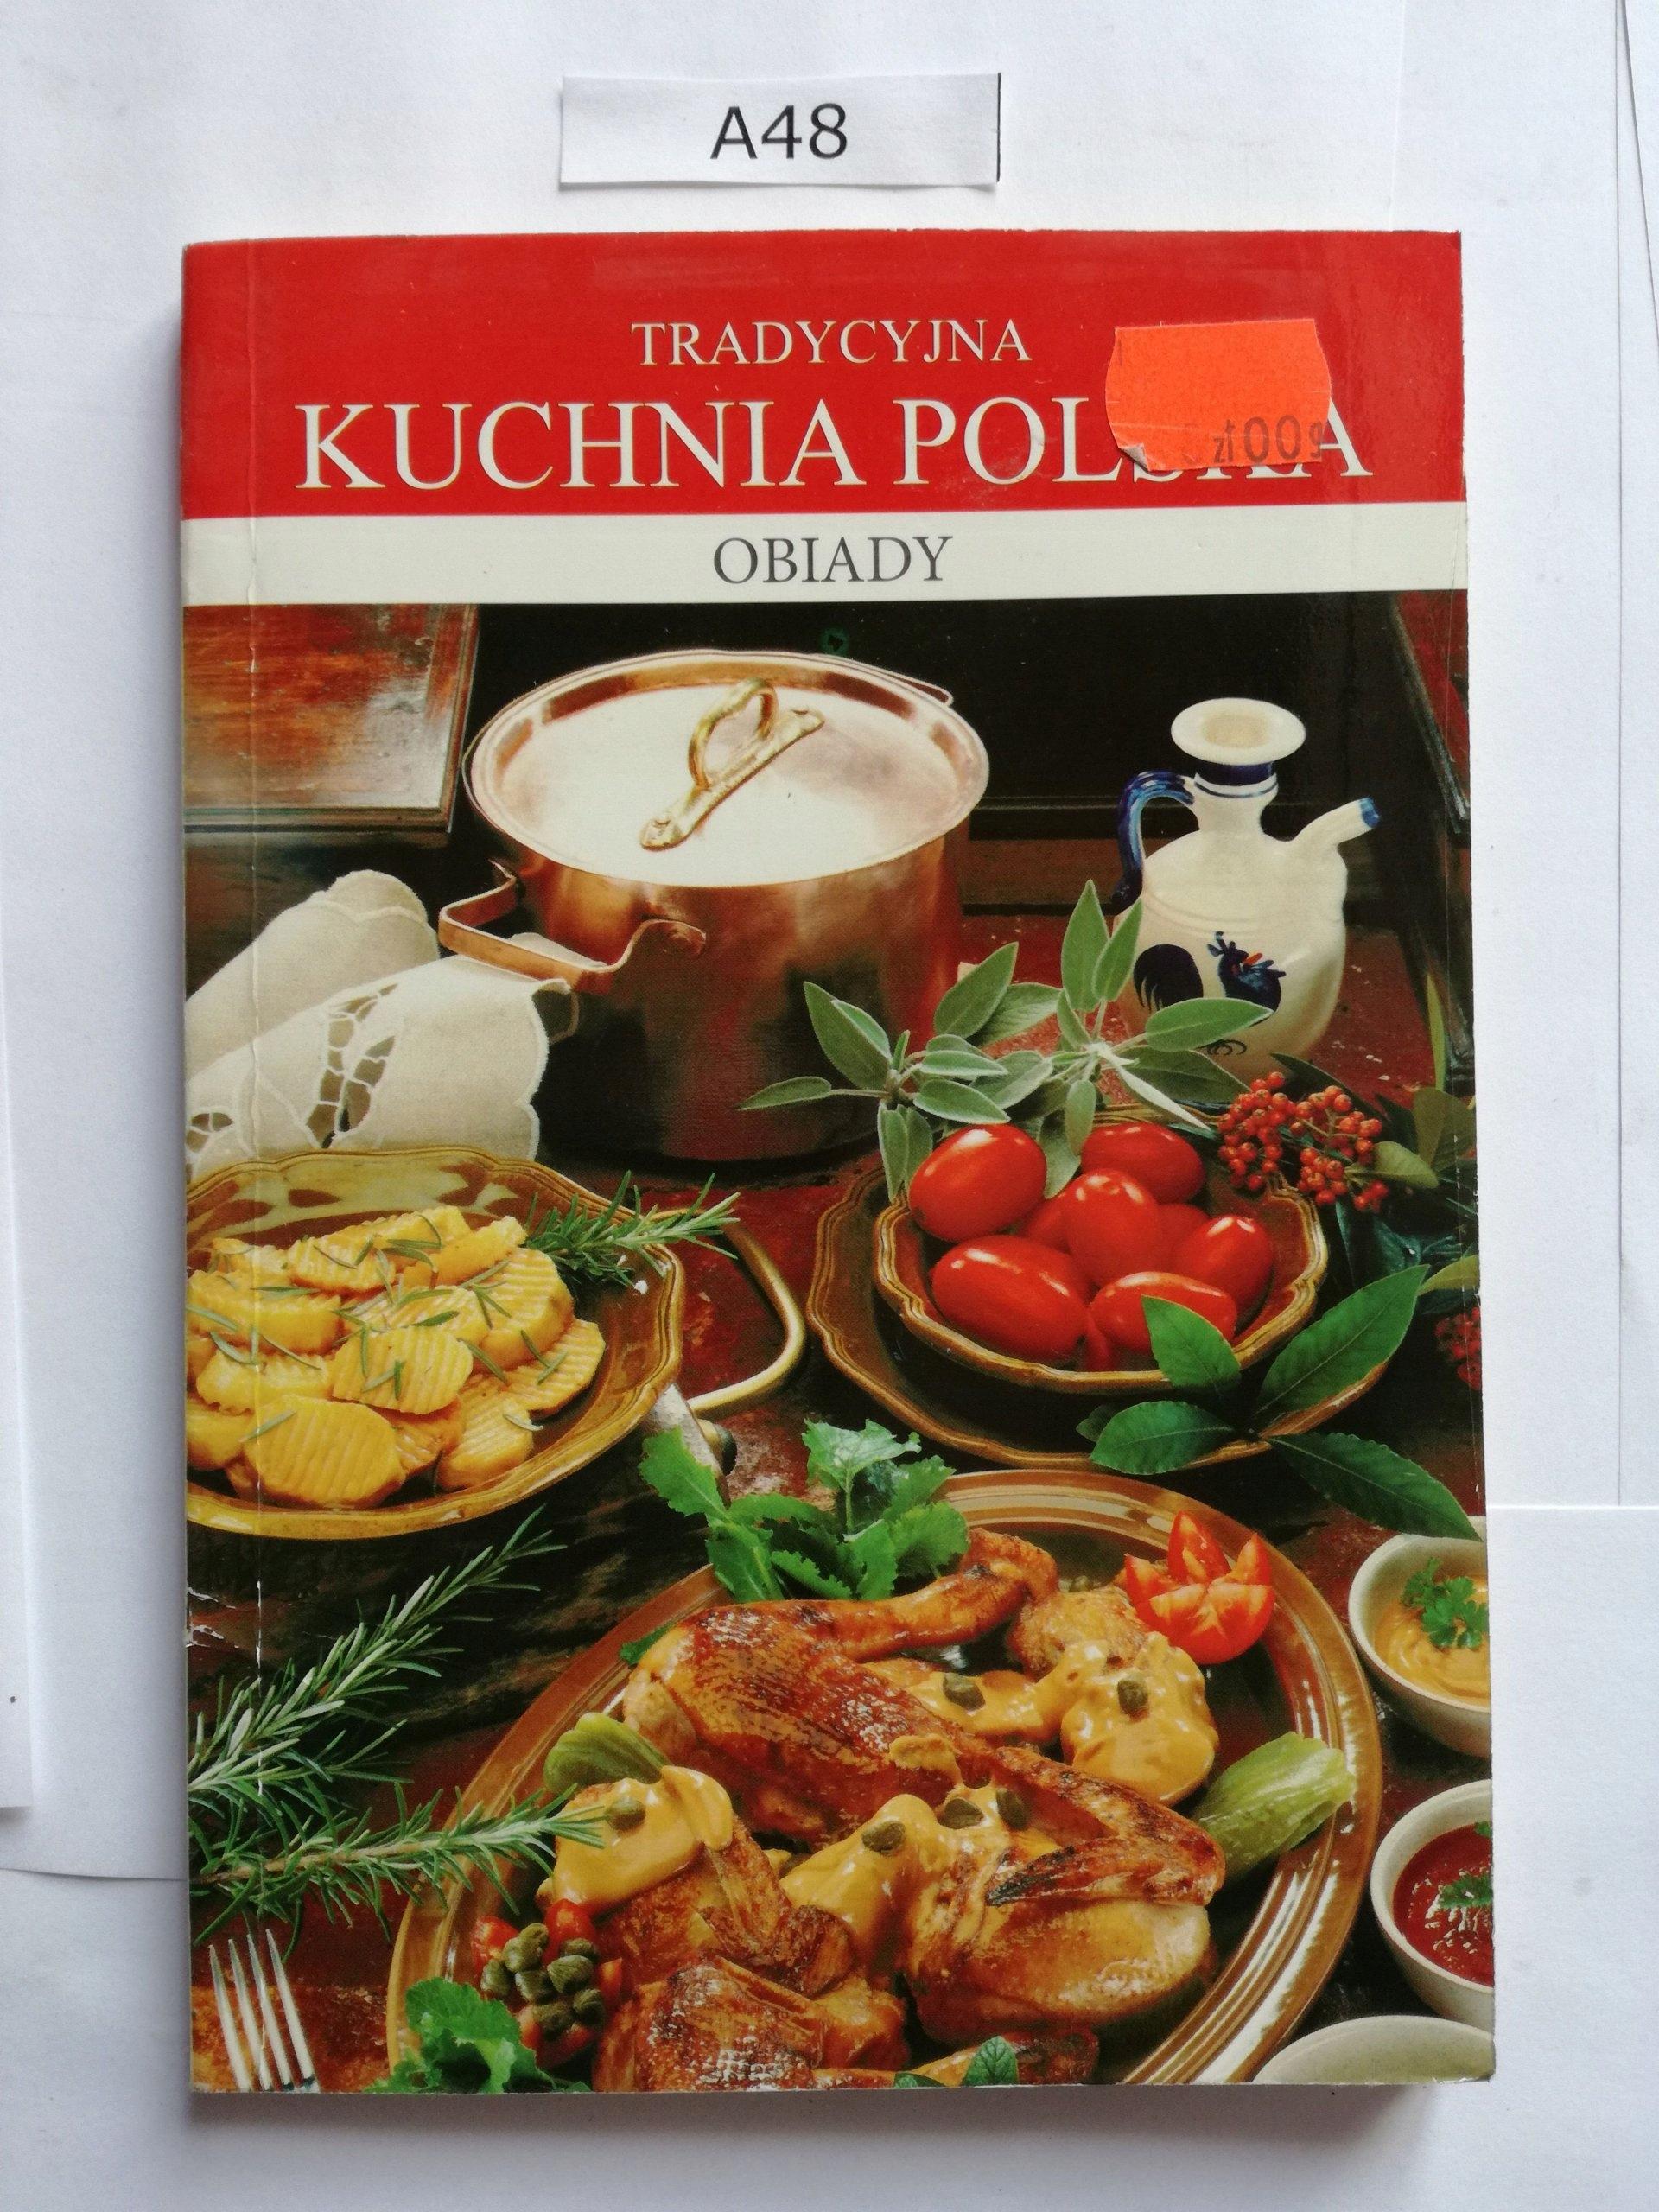 Tradycyjna Kuchnia Polska Obiady Solakiewicz 6931940688